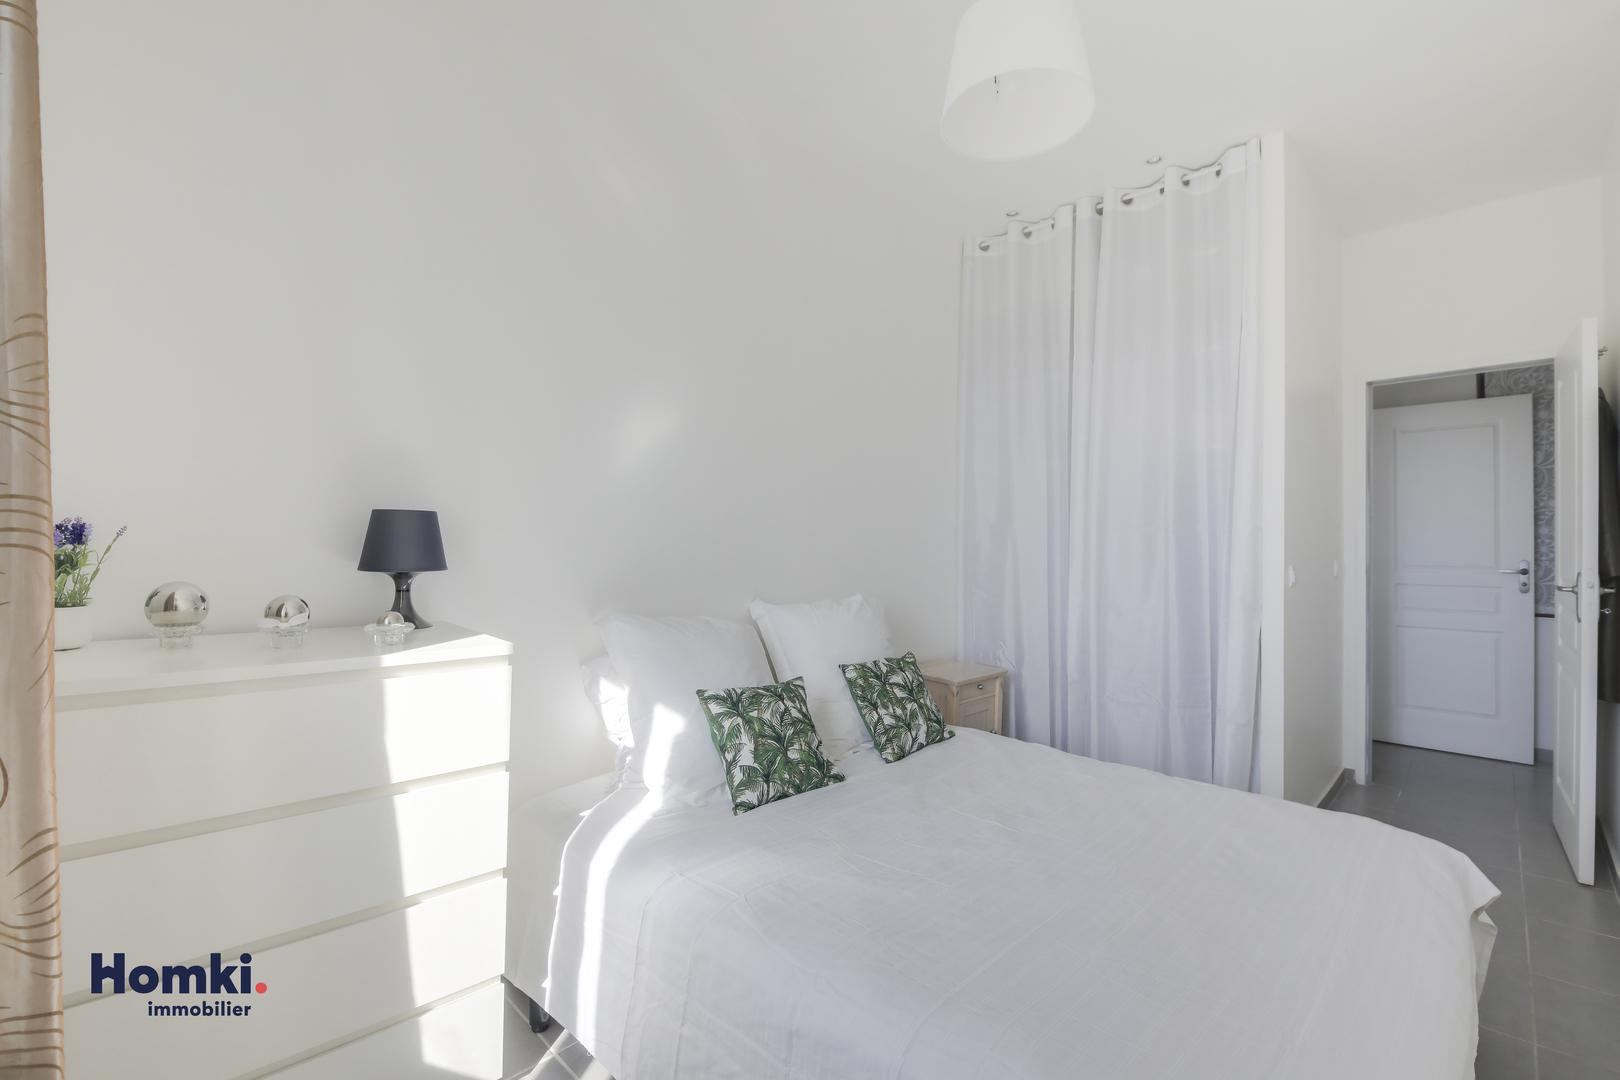 Vente Maison 65 m² T3 13013_7